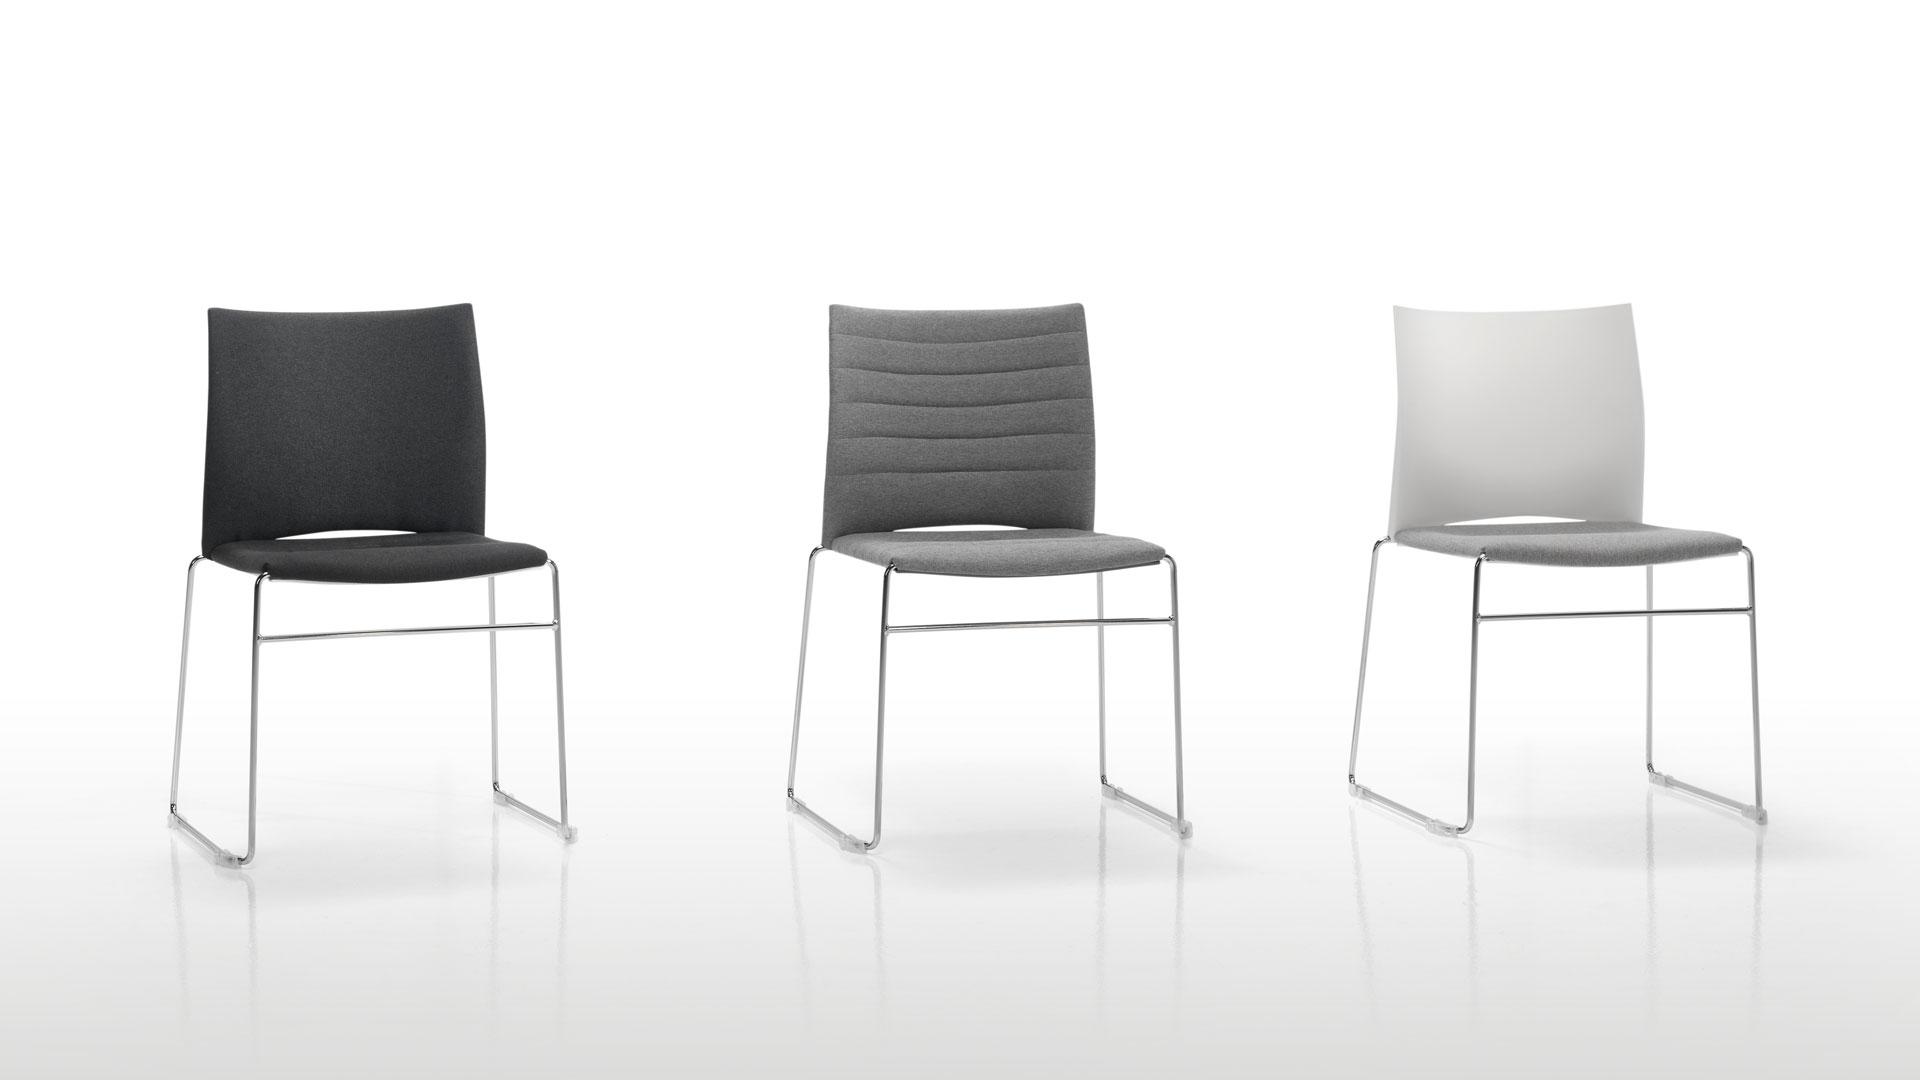 chaise de r union design slim 2m mobilier bureau. Black Bedroom Furniture Sets. Home Design Ideas